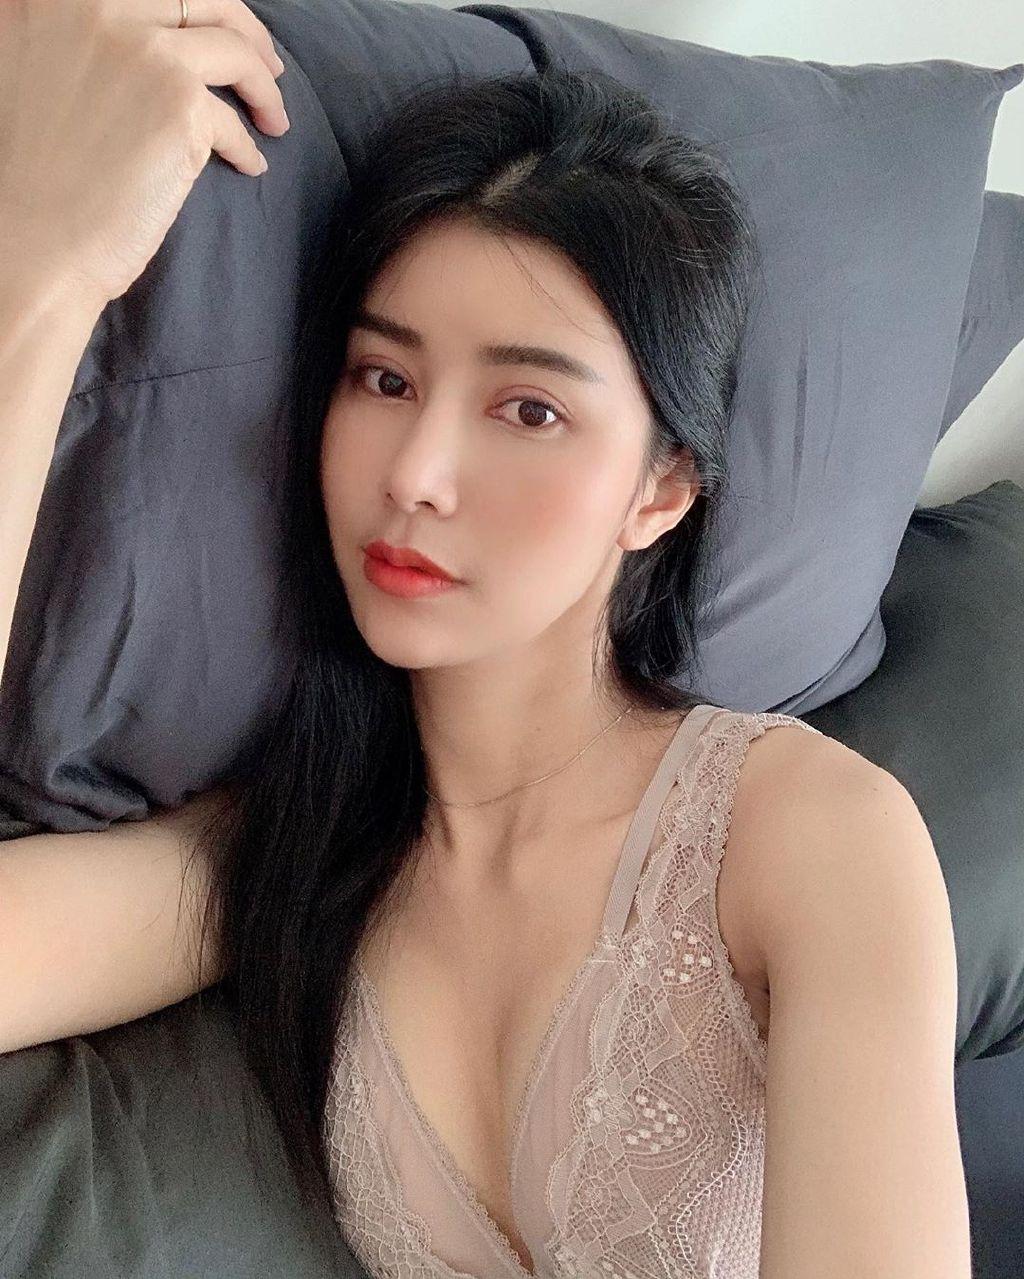 INS美图:来自泰国的模特,你们猜猜是男是女?